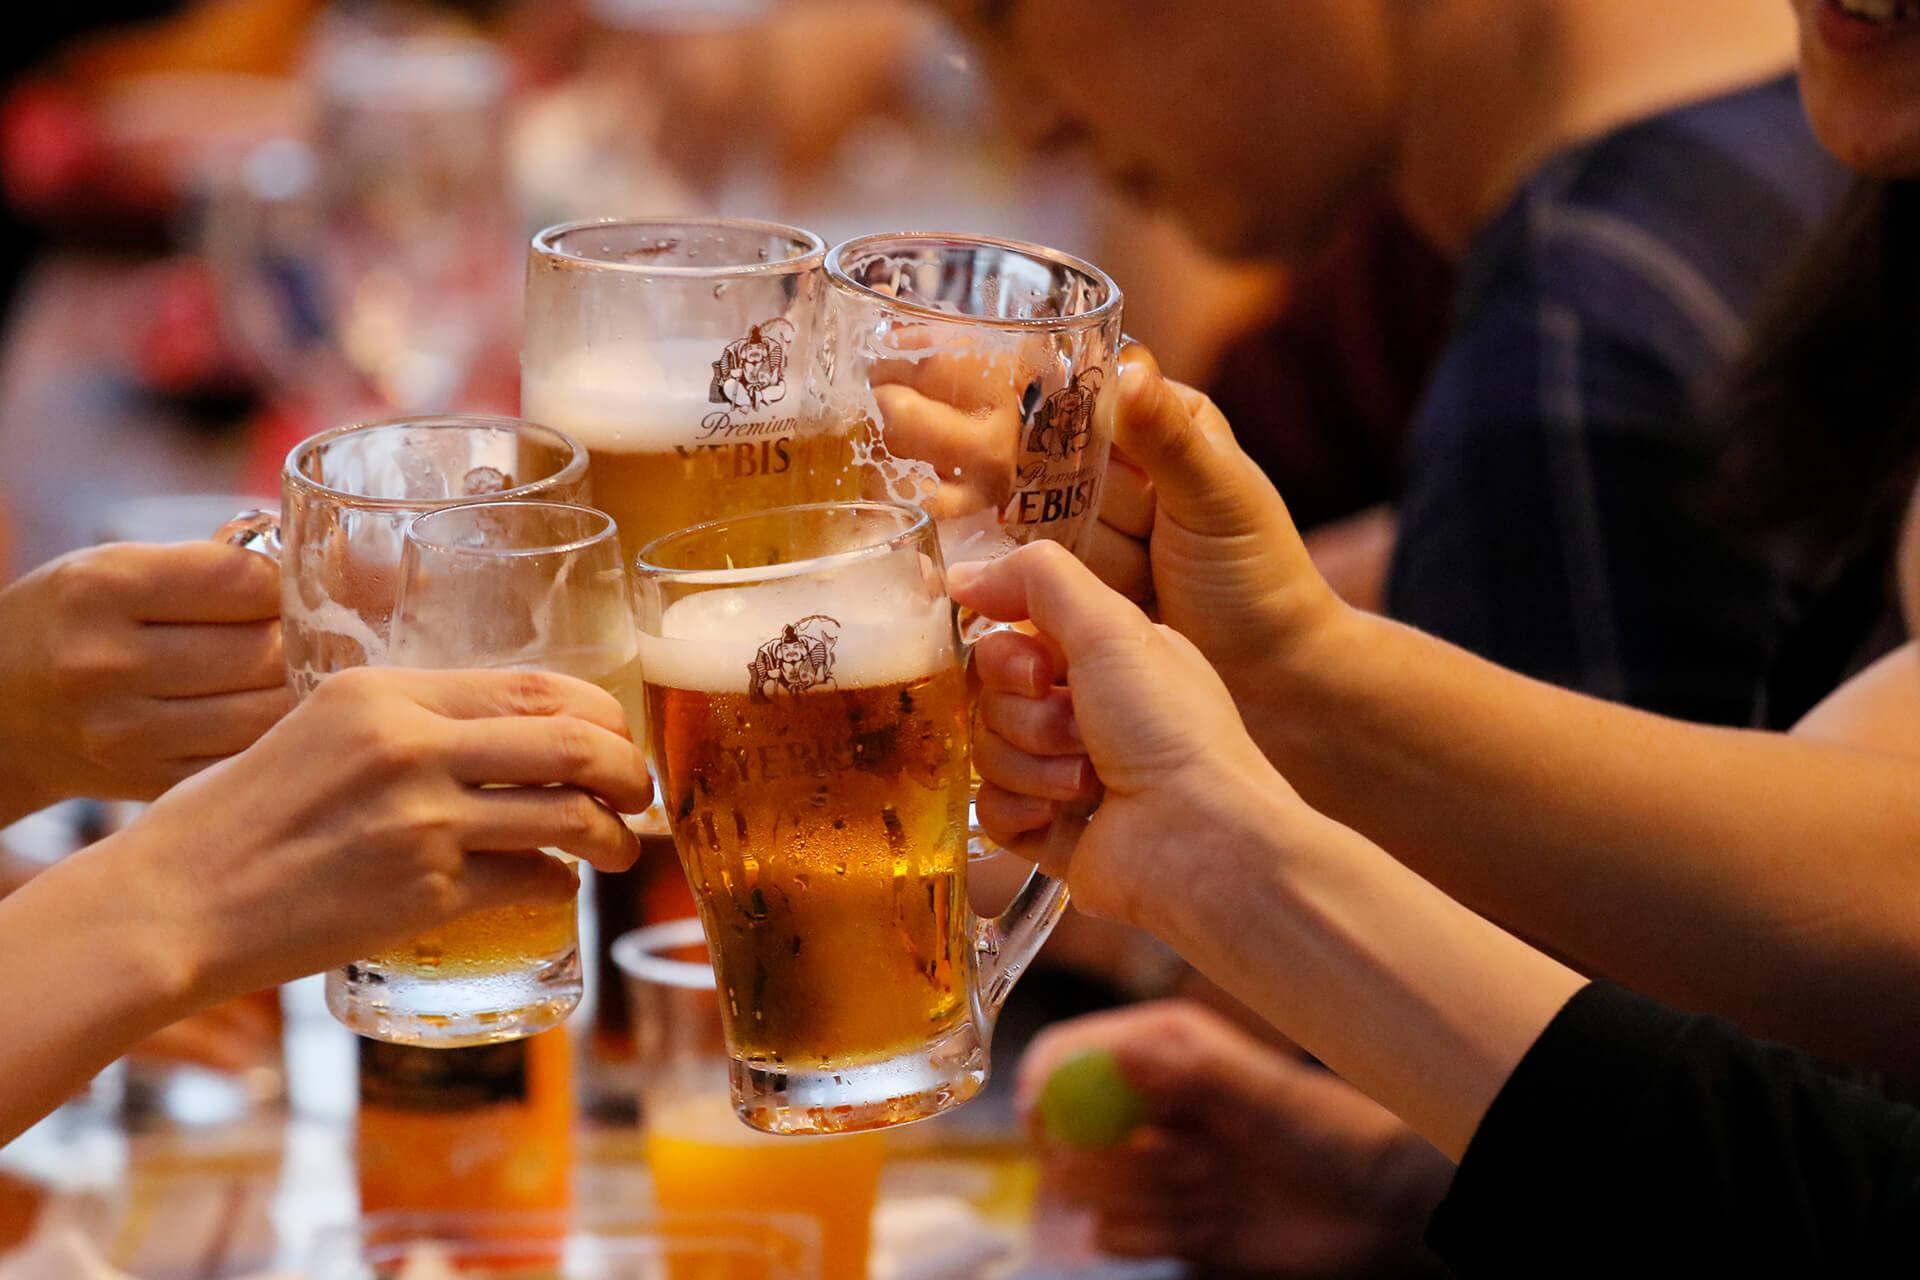 この写真は第11回「恵比寿麦酒祭り」のイメージ・乾杯風景です